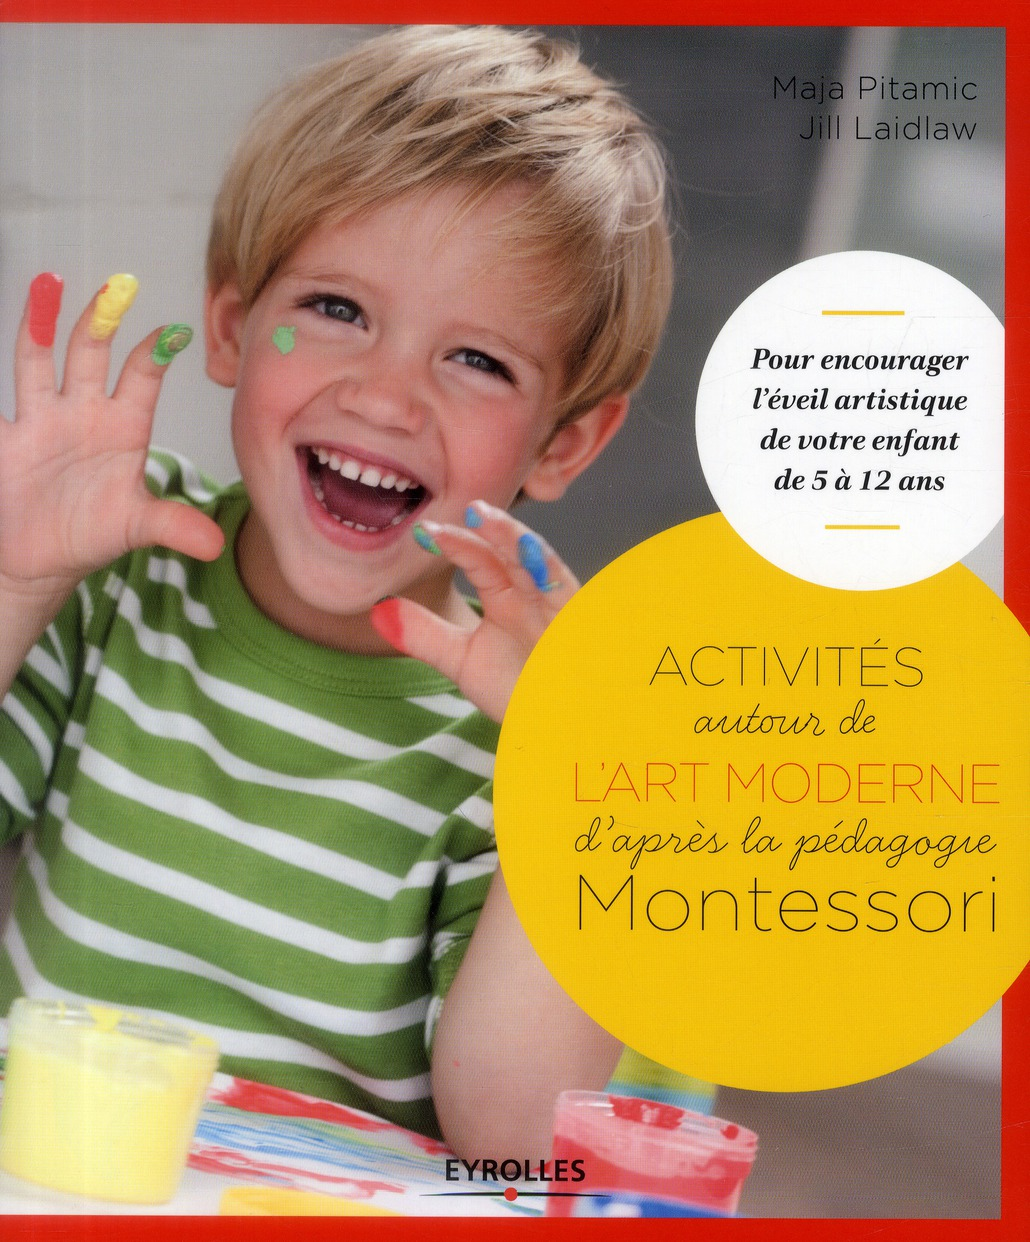 ACTIVITES ARTISTIQUES AUTOUR DE L'ART MODERNE POUR ENCOURAGER L'EVEIL ARTISTIQUE DE VOTRE ENFANT DE